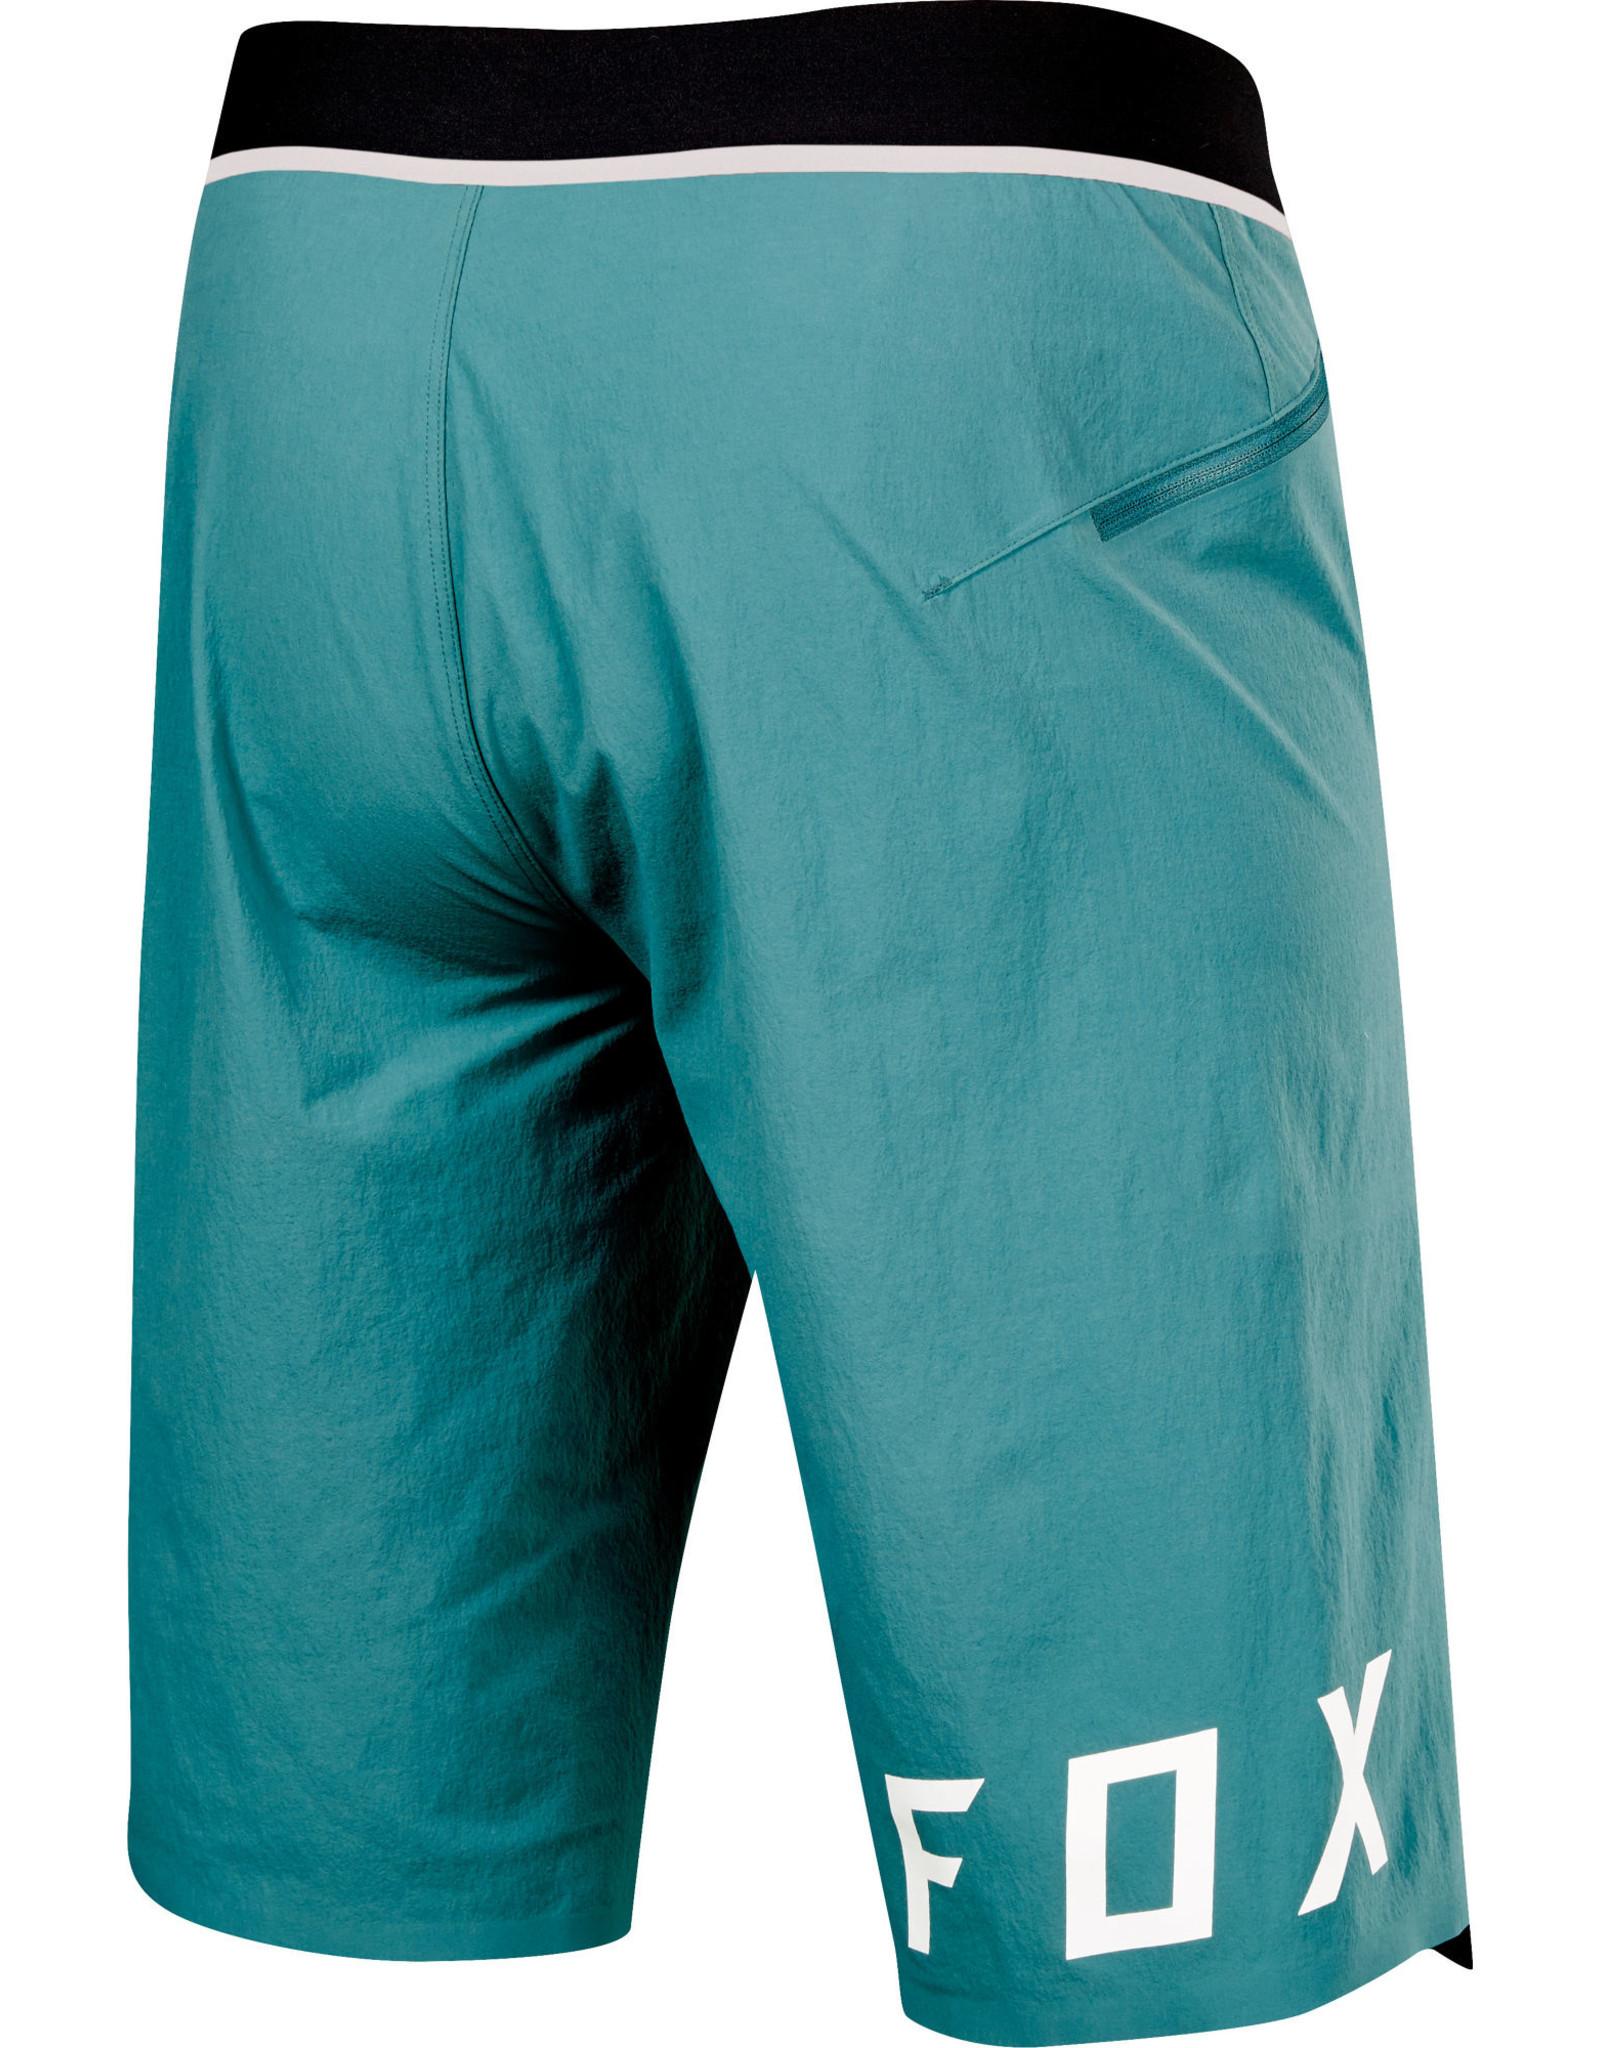 FOX HEAD CLOTHING FOX ATTACK SHORT NO LINER (Reg price $129.95)